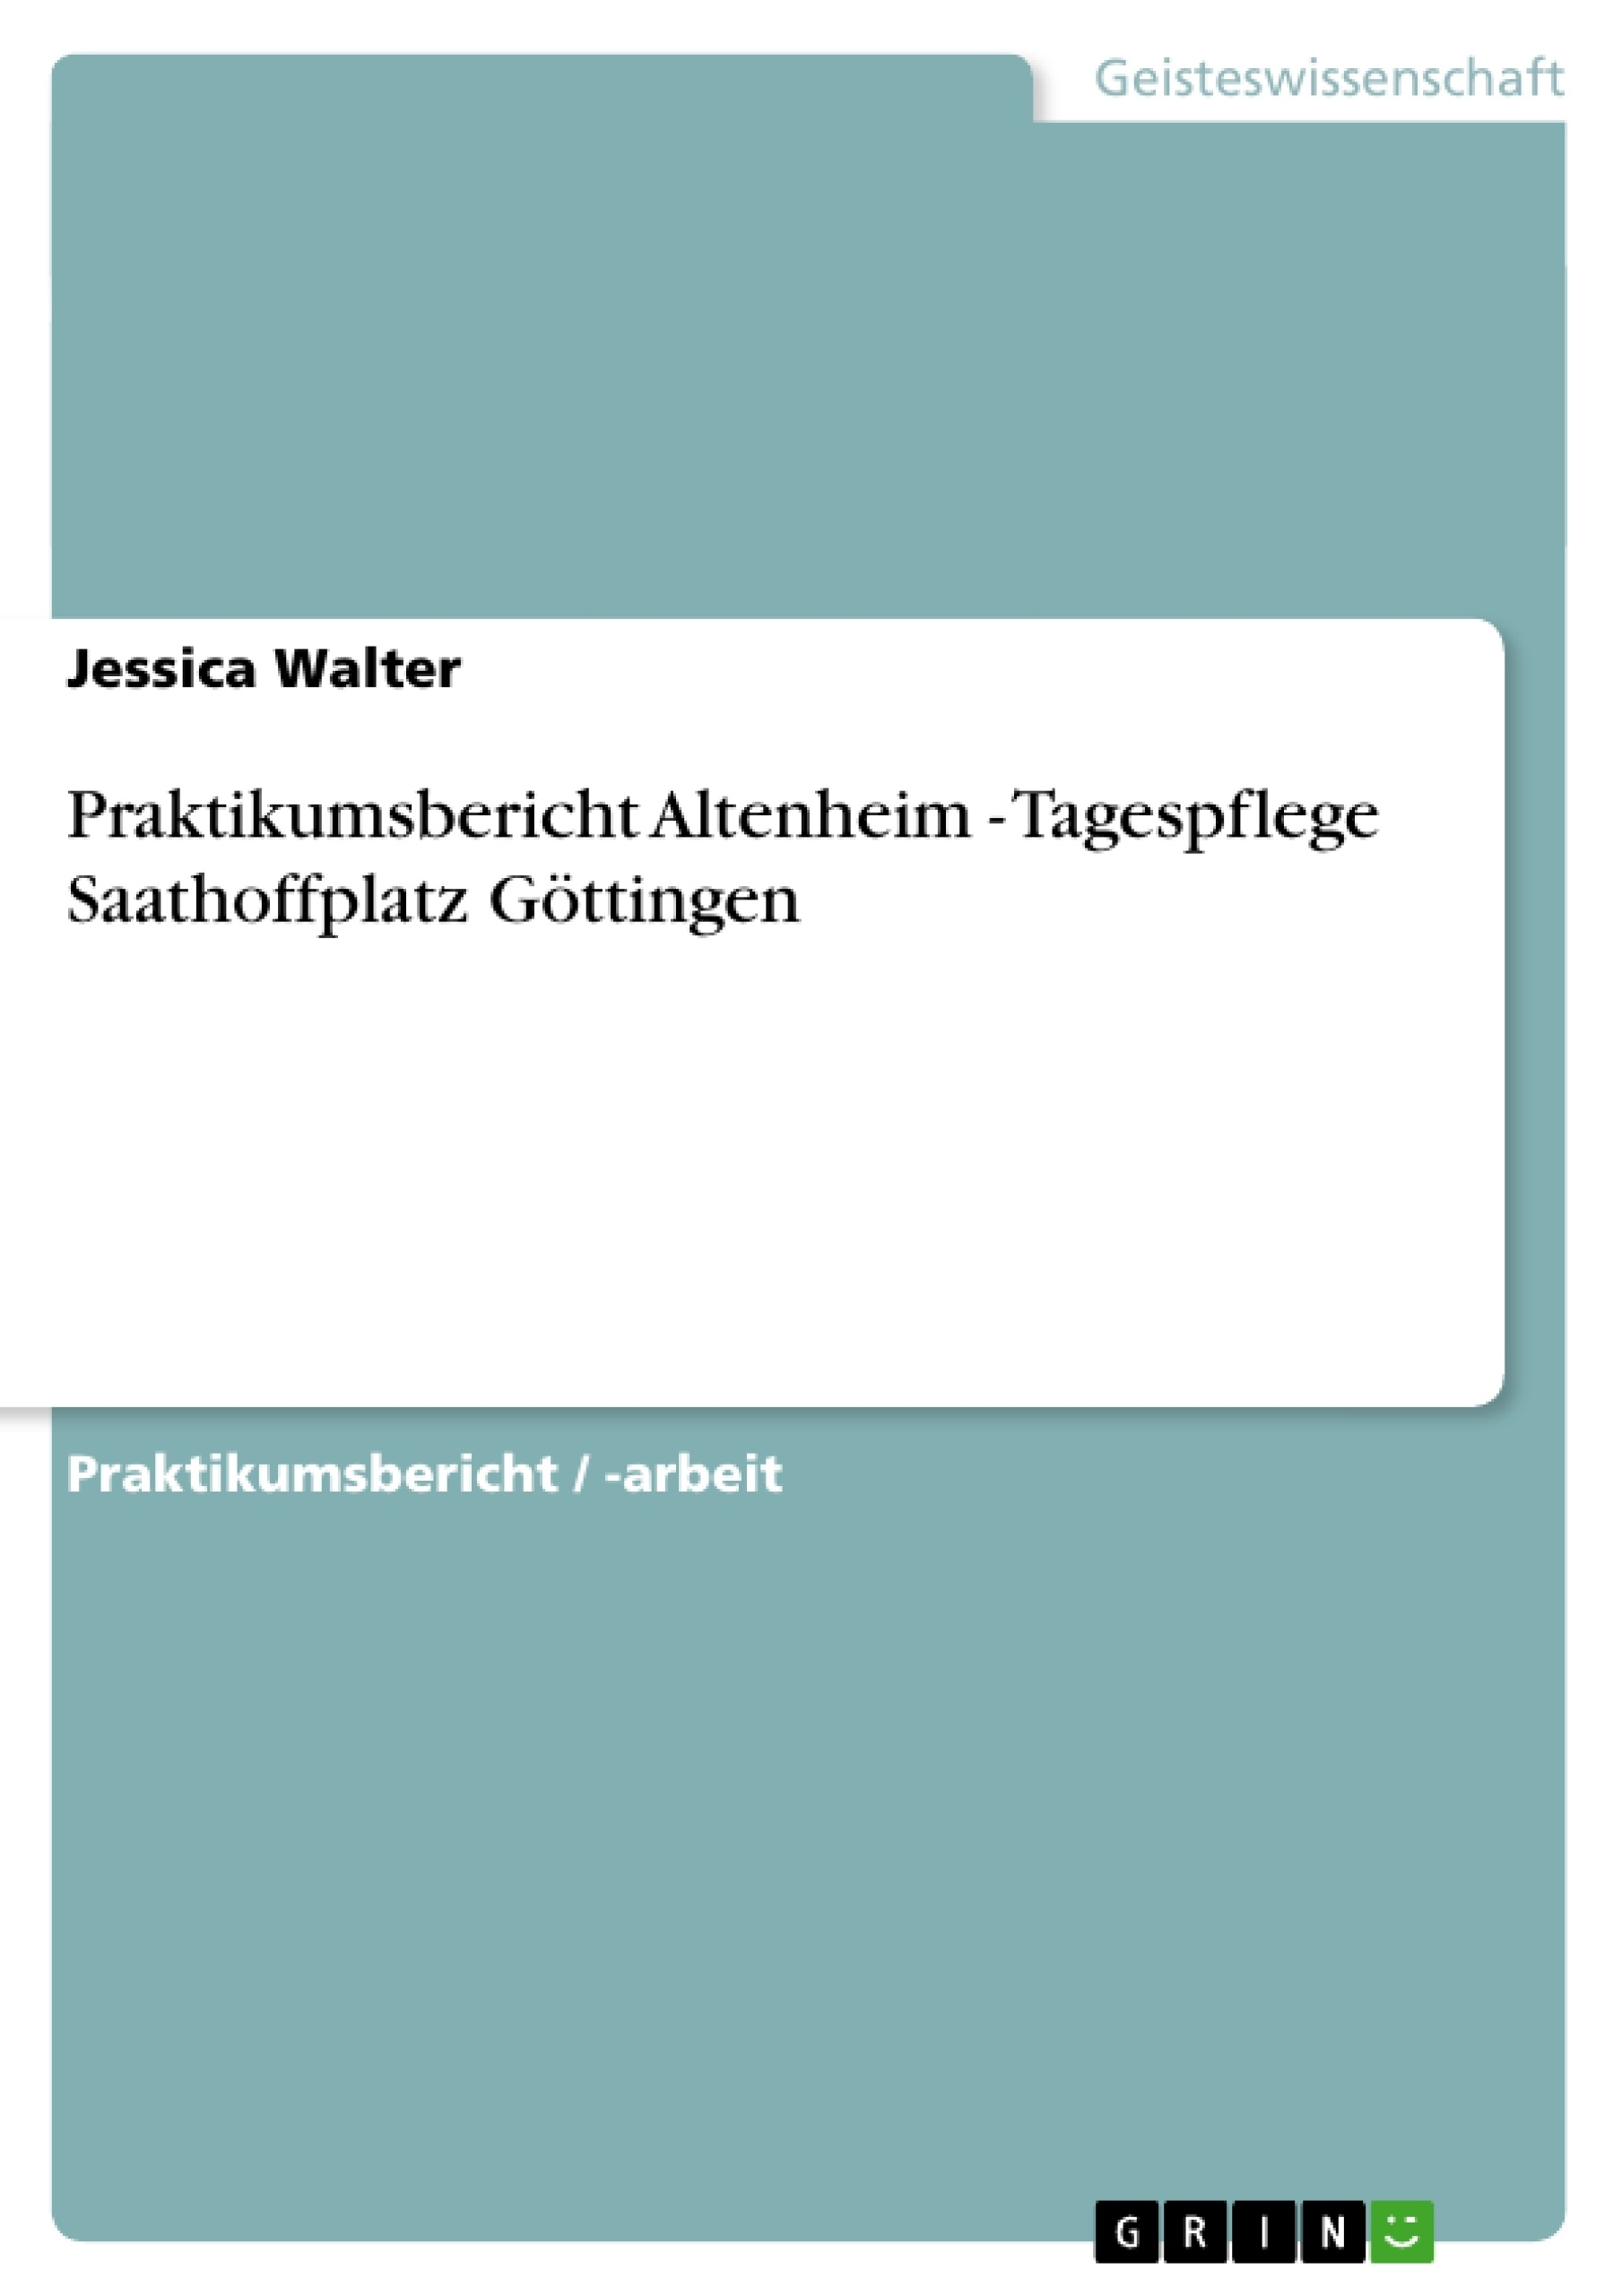 Titel: Praktikumsbericht Altenheim - Tagespflege Saathoffplatz Göttingen